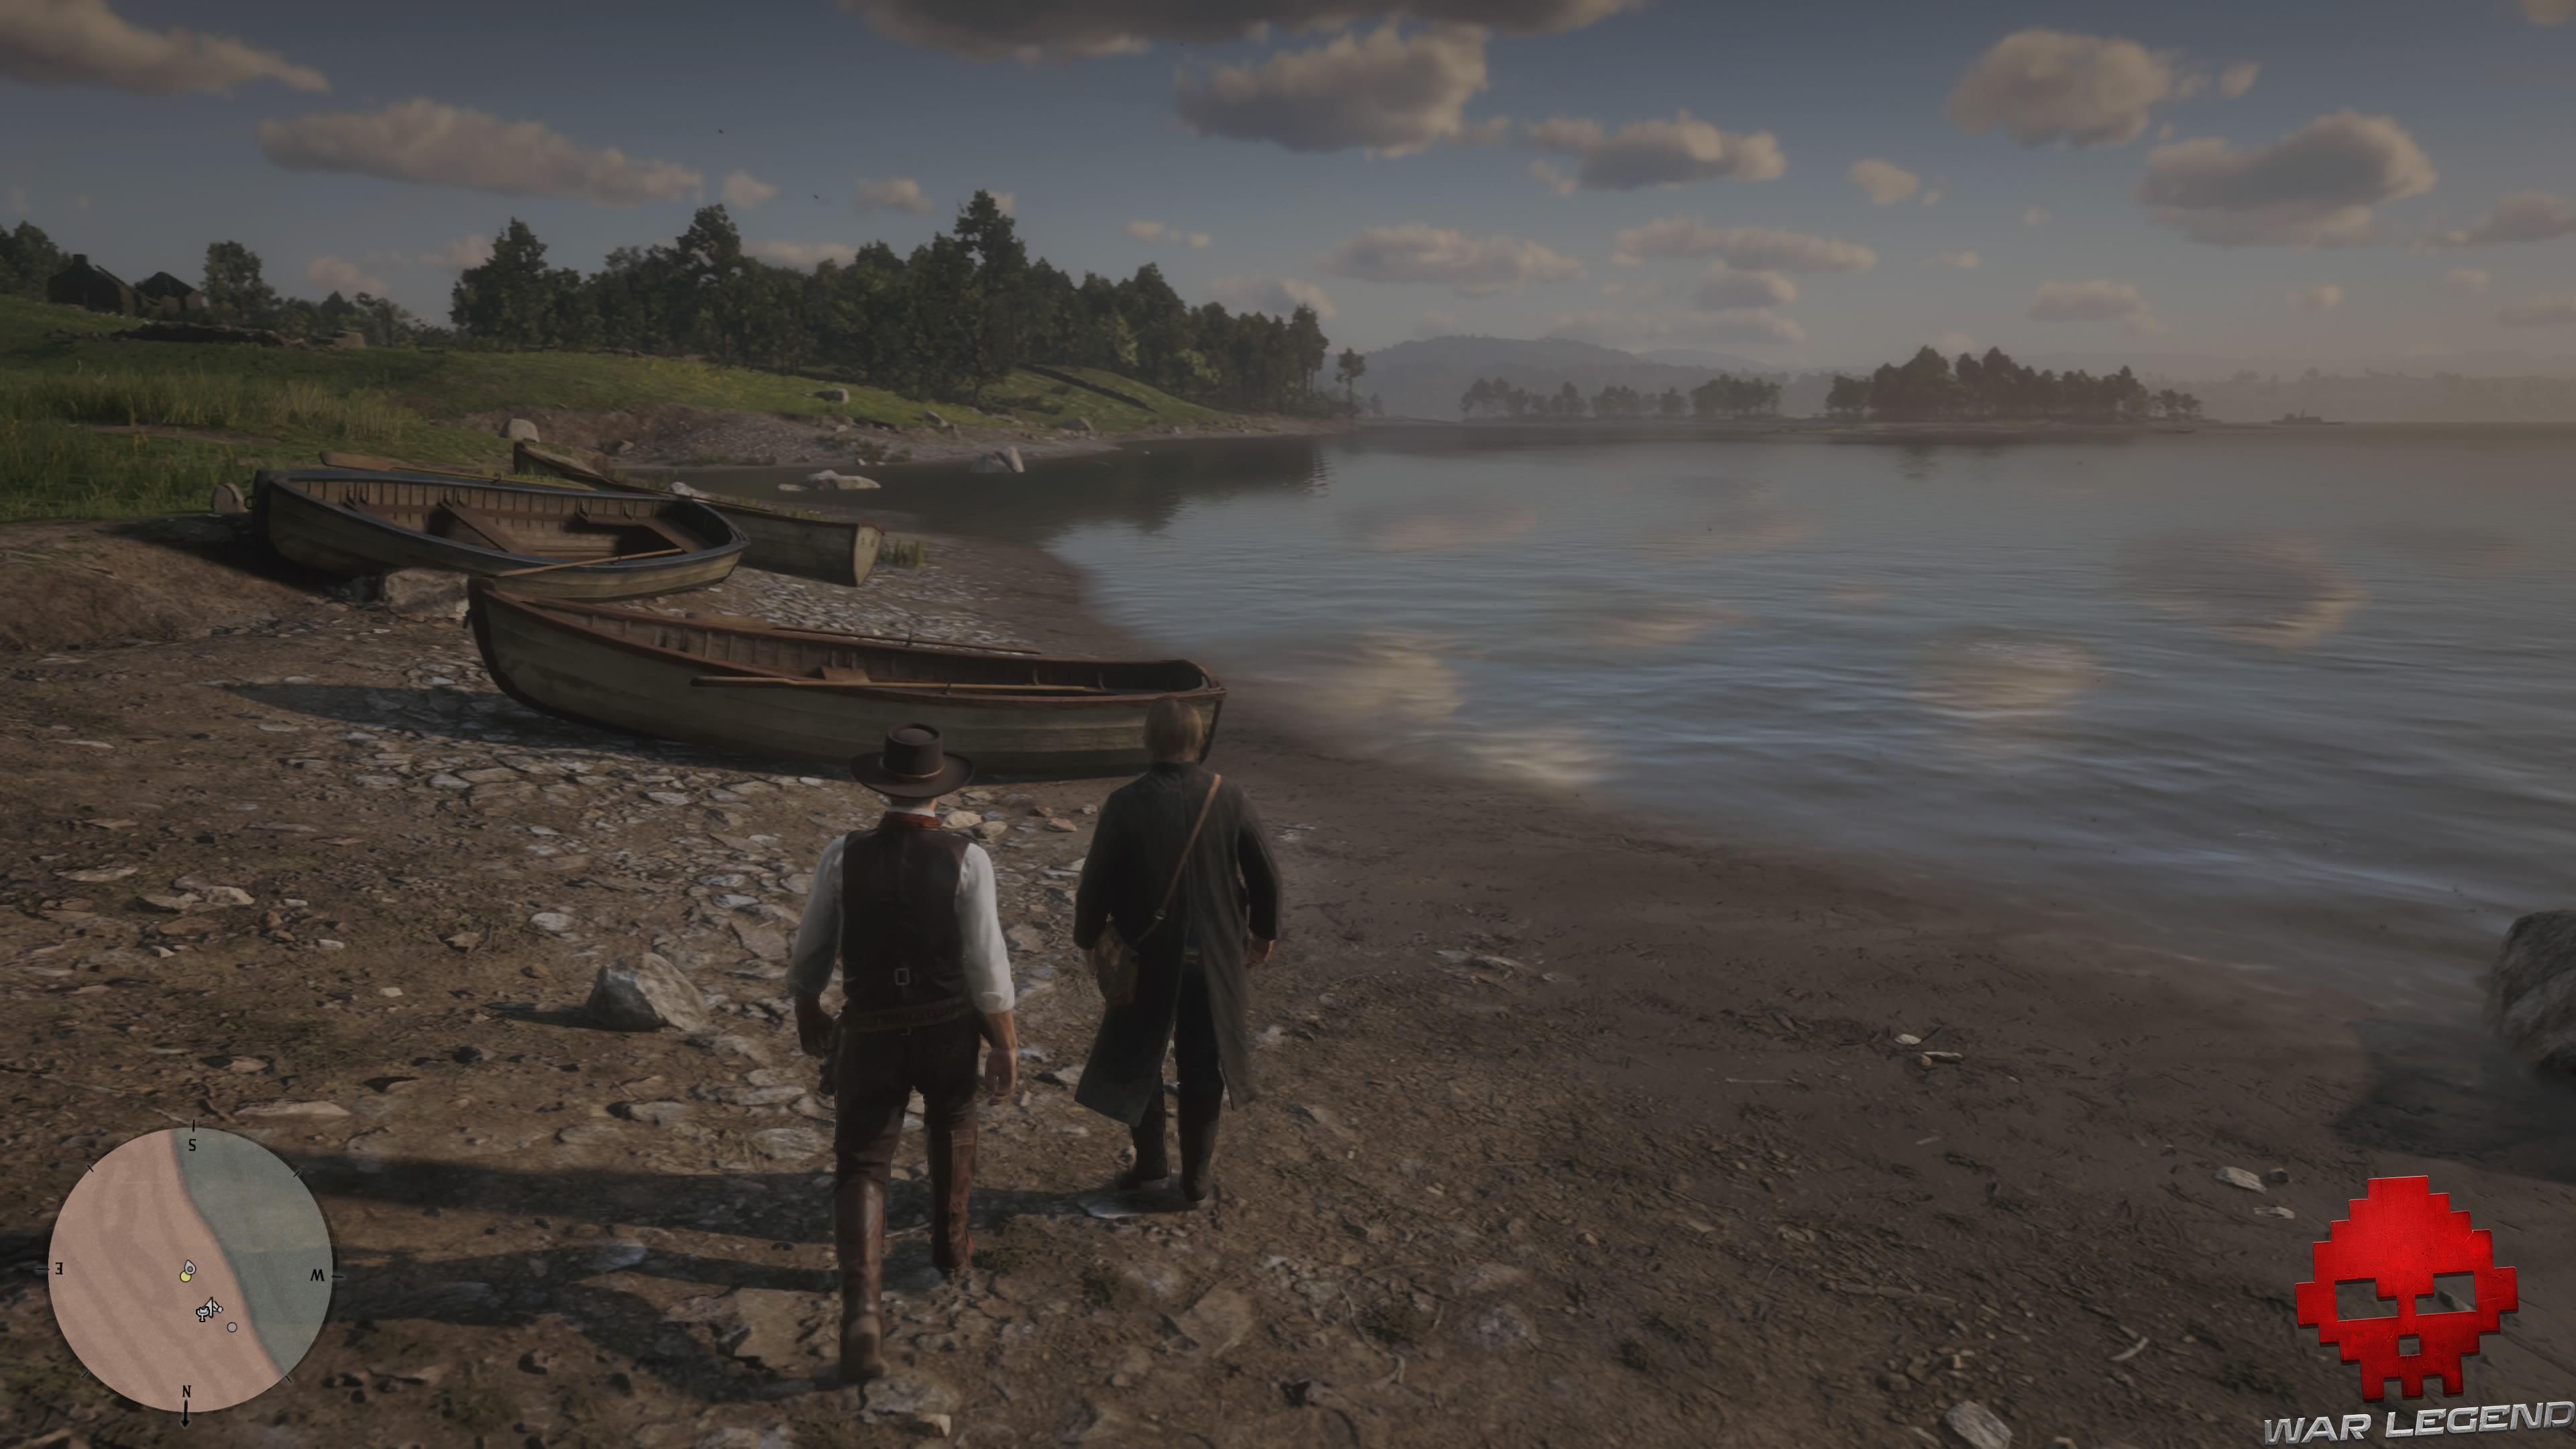 soluce red dead redemption 2 le sud nouveau barque au bord de l'eau